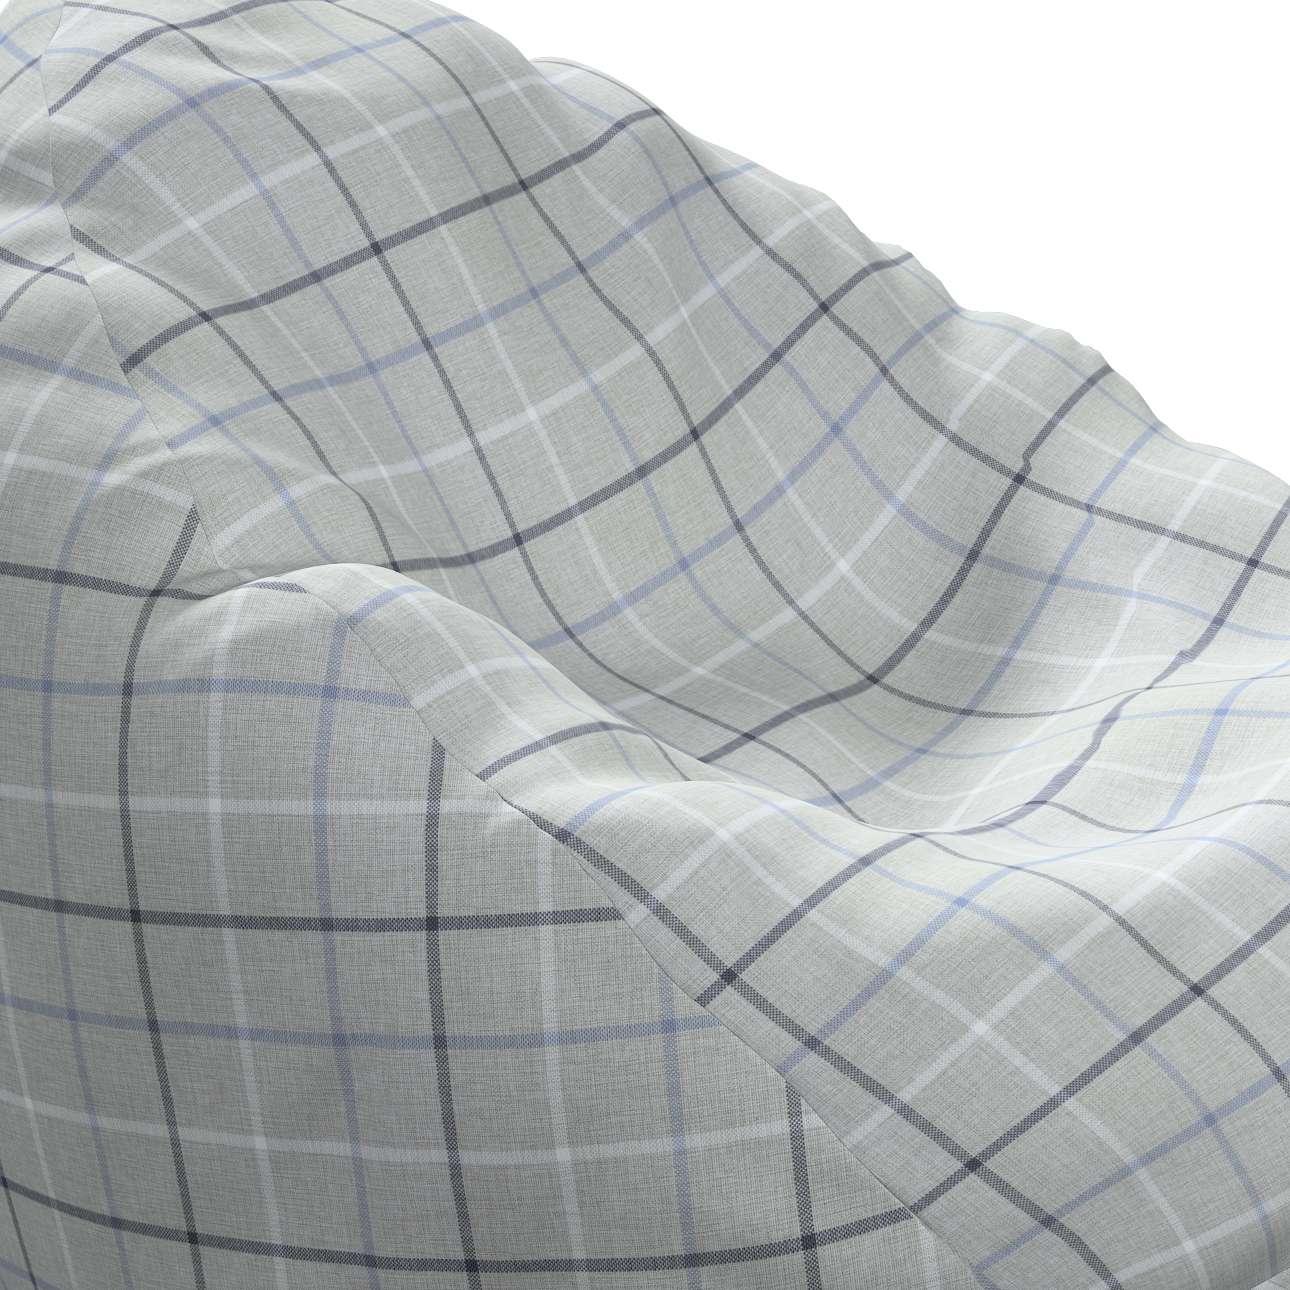 Pokrowiec na worek do siedzenia w kolekcji Edinburgh, tkanina: 703-18